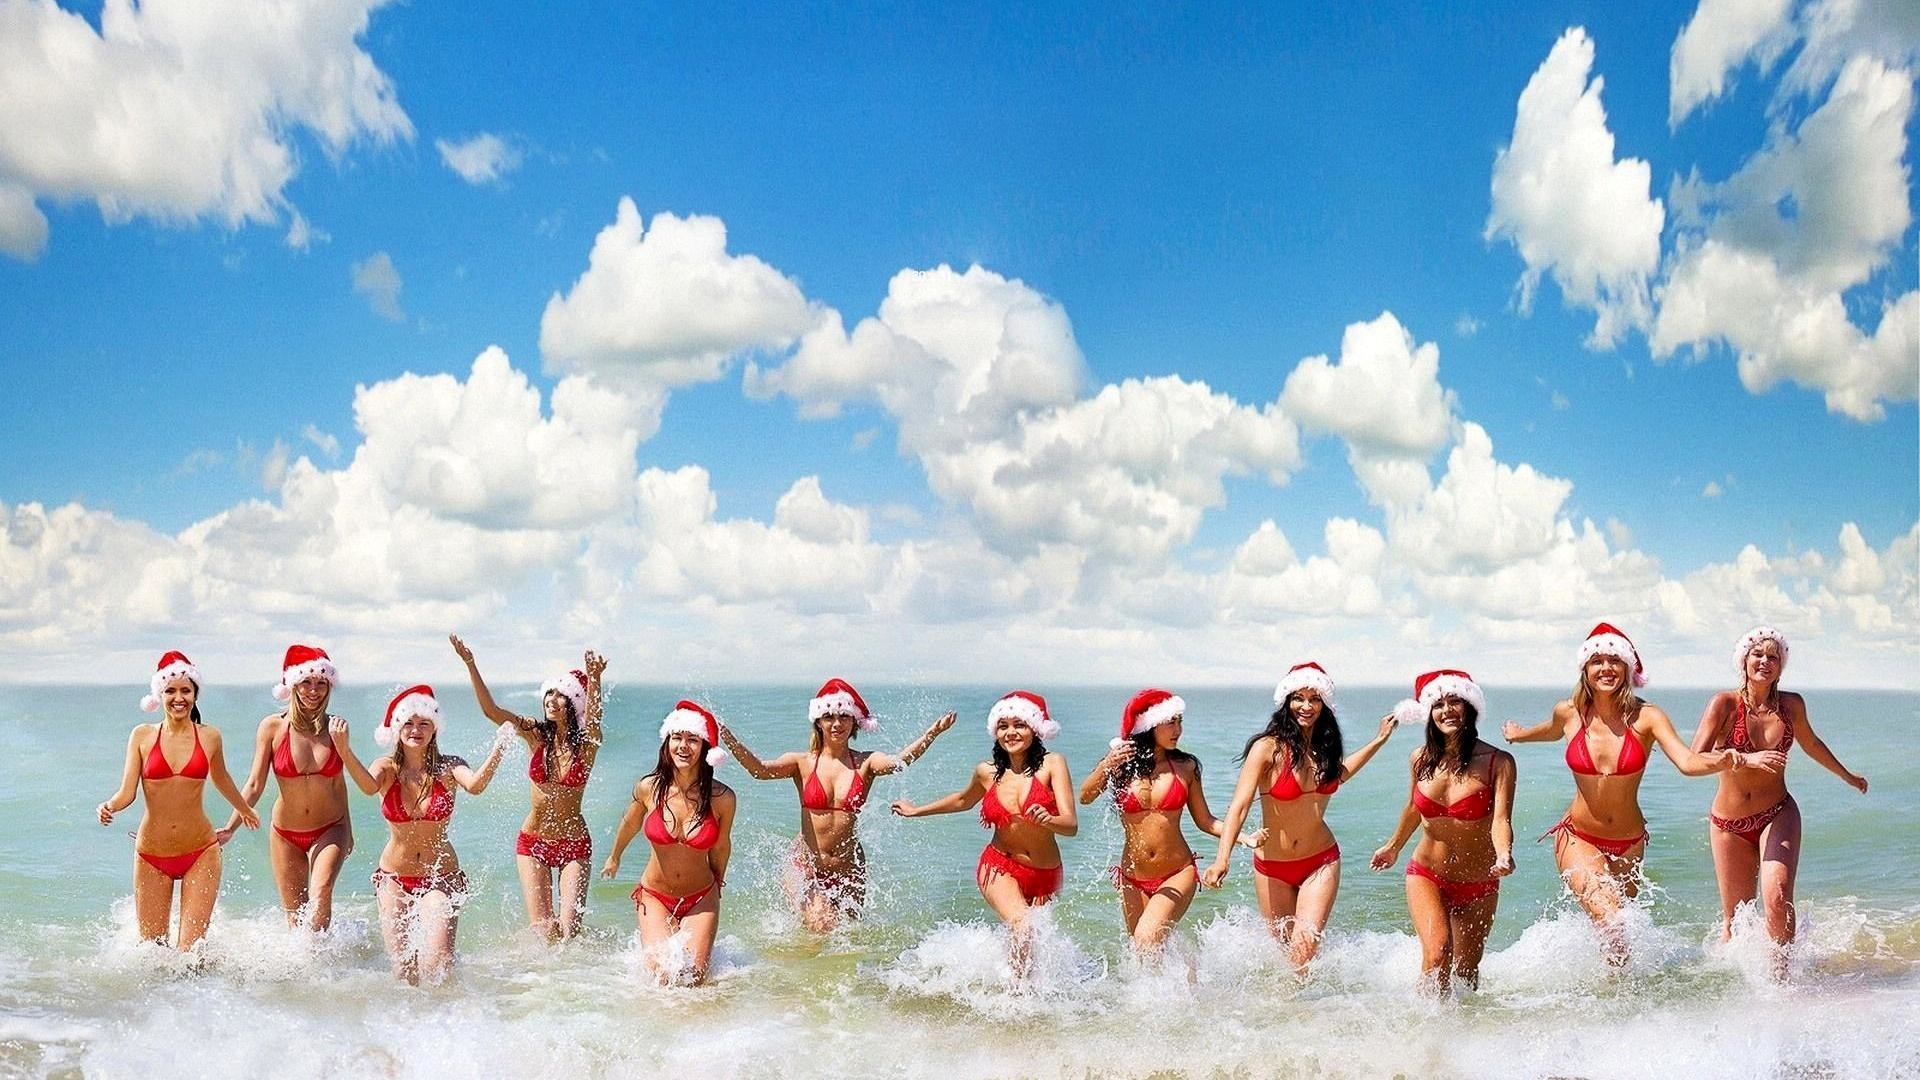 Beach-Girls-Cool-Wallpapers-Background-HD-Wallpaper